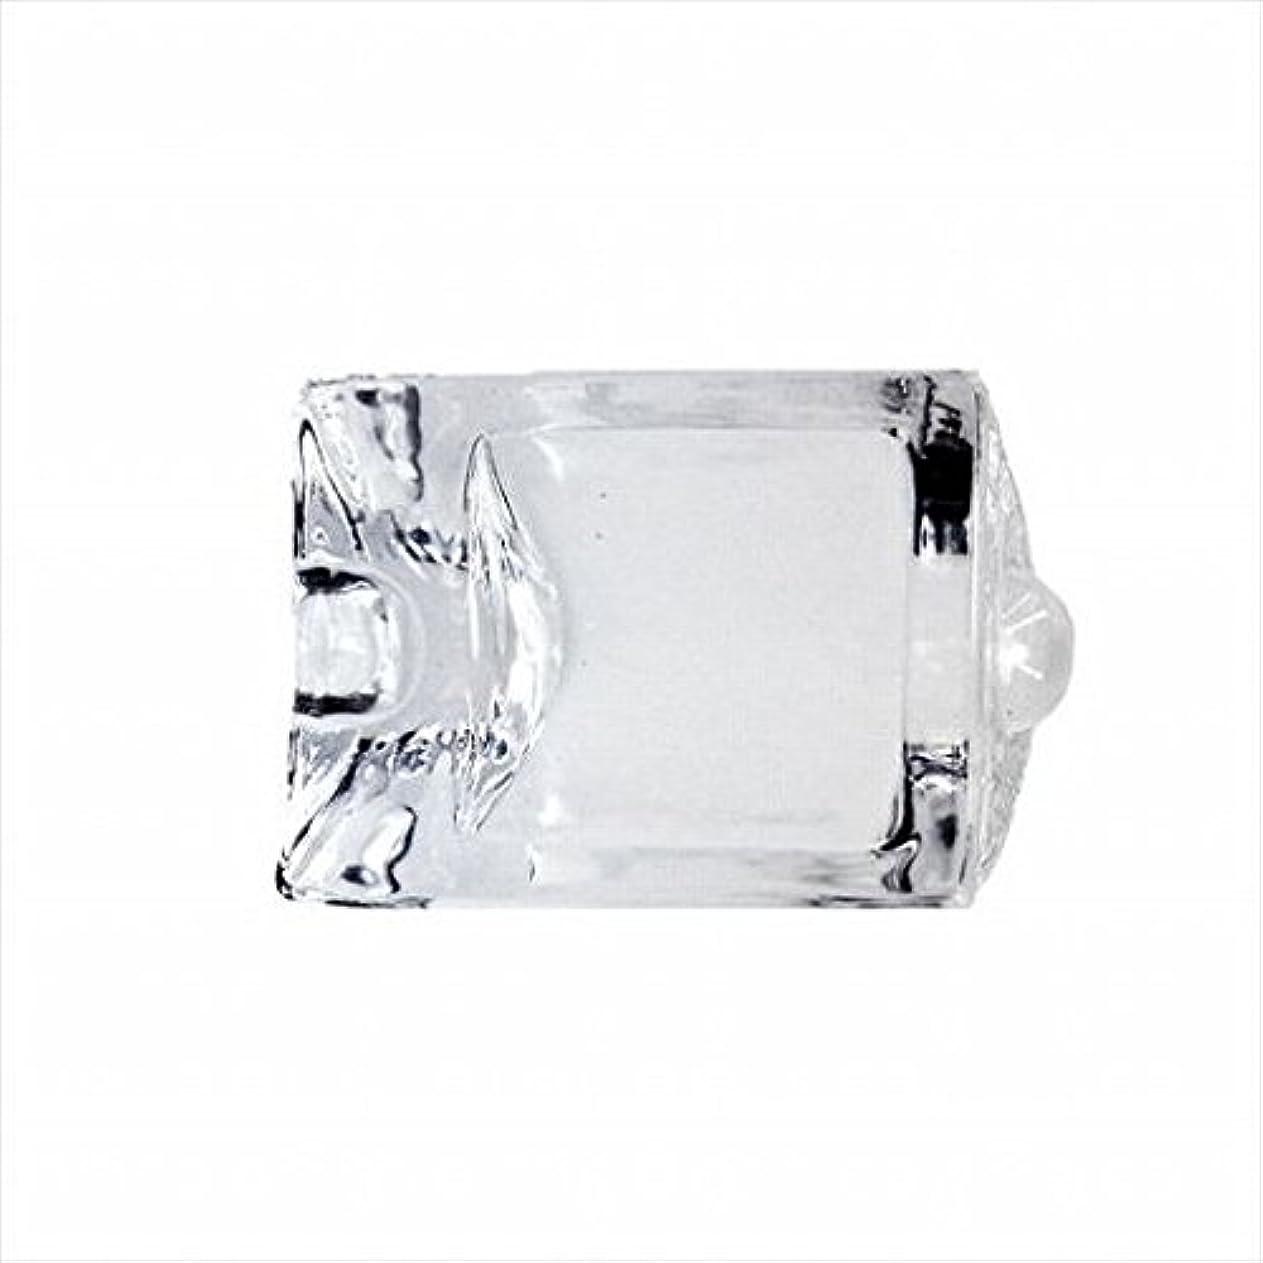 放棄変更ミュウミュウkameyama candle(カメヤマキャンドル) エンジェルアイジョイント 「 Cホワイト 」 キャンドル 47x28x67mm (I8000104W)